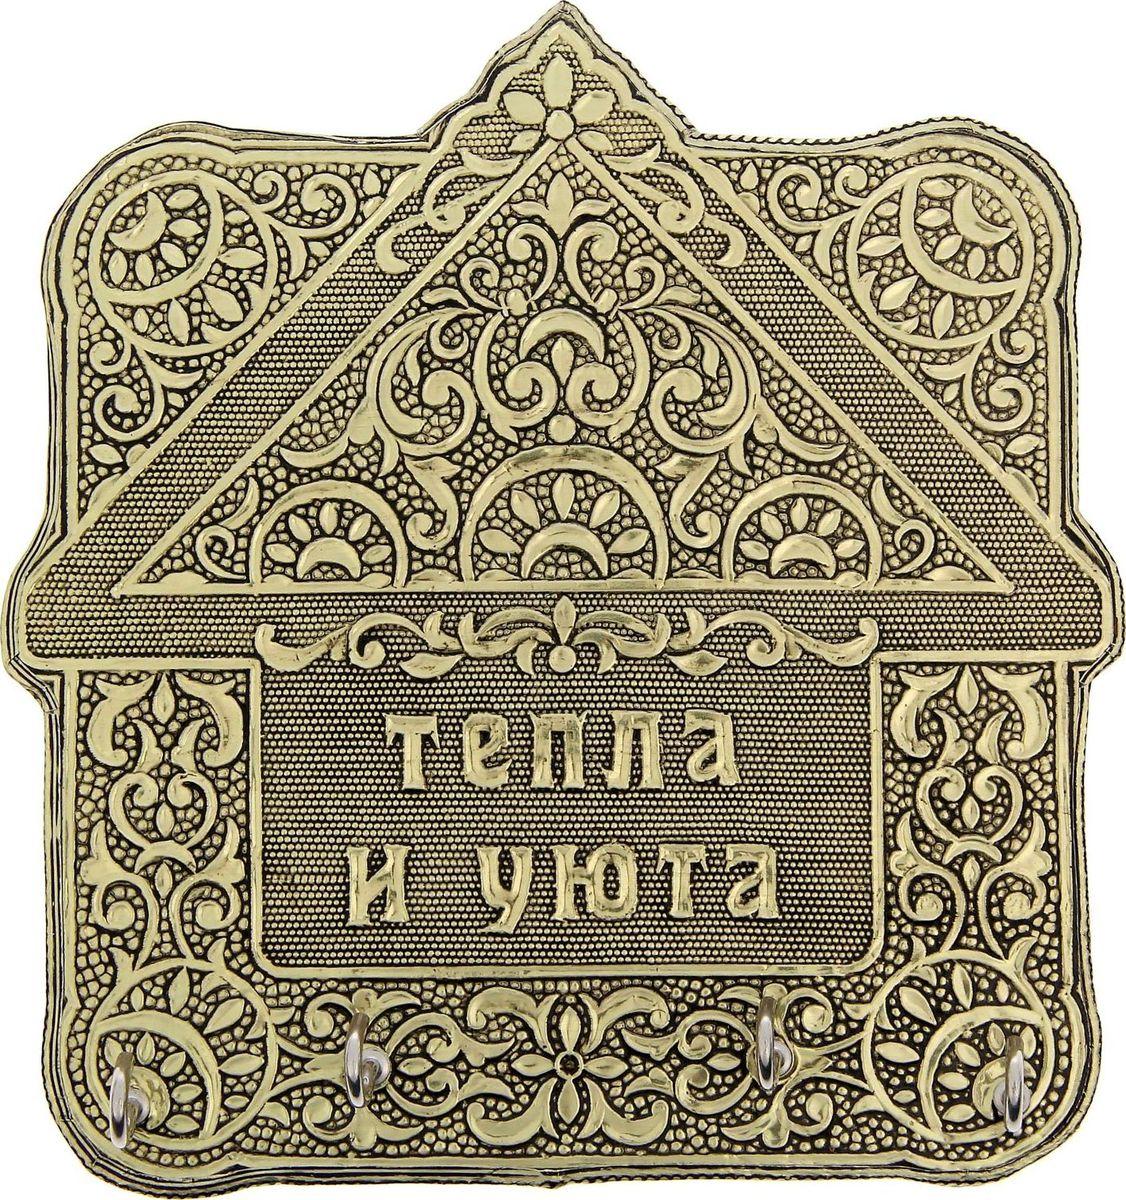 Ключница настенная Тепла и уюта, цвет: золотистый, 15,3 х 16,1 х 3,2 см1259440Как важно, чтобы в доме всё находилось на своих местах, особенно те вещи, которые имеют привычку пропадать в самый неподходящий момент. Например, ключи! Порядок в доме обеспечит прочное изделие, выполненное из крепкого алюминия и дерева лучшими мастерами Индии. Узорчатая ключница в форме дома принесёт уют и счастье в ваш дом. Крепление на обороте позволяет легко прикрепить её к стене. Такая ключница станет и прекрасным подарком близким, и незаменимым украшением дома!